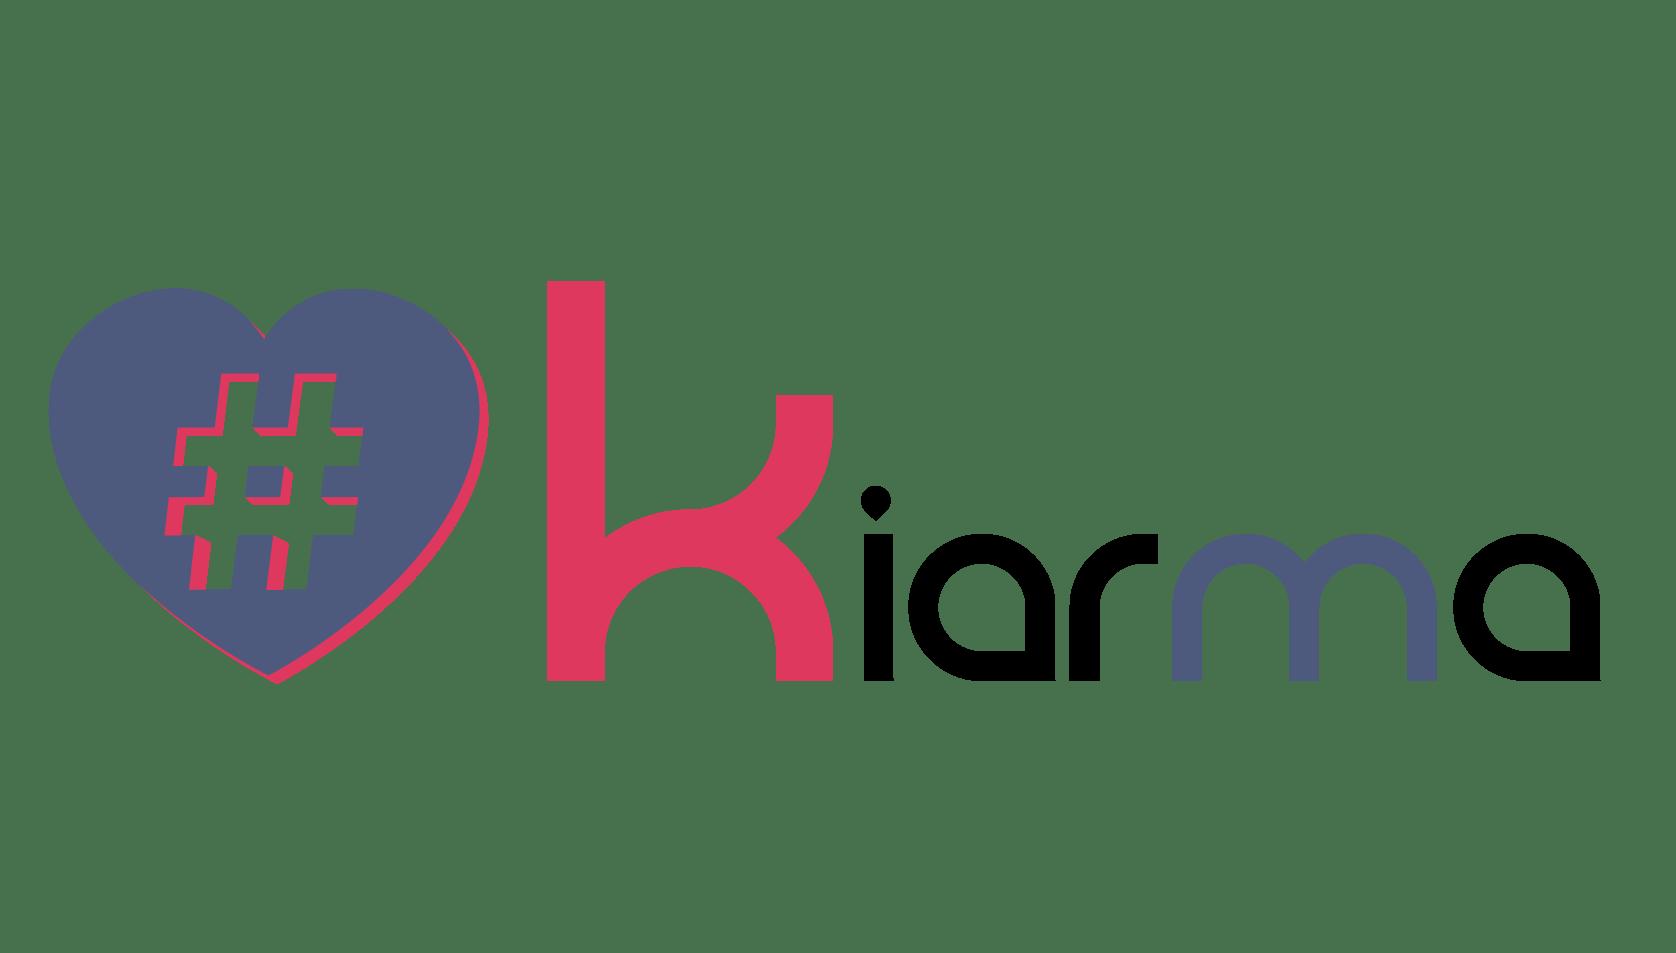 Chiara Marescalco - Kiarma Web Agency